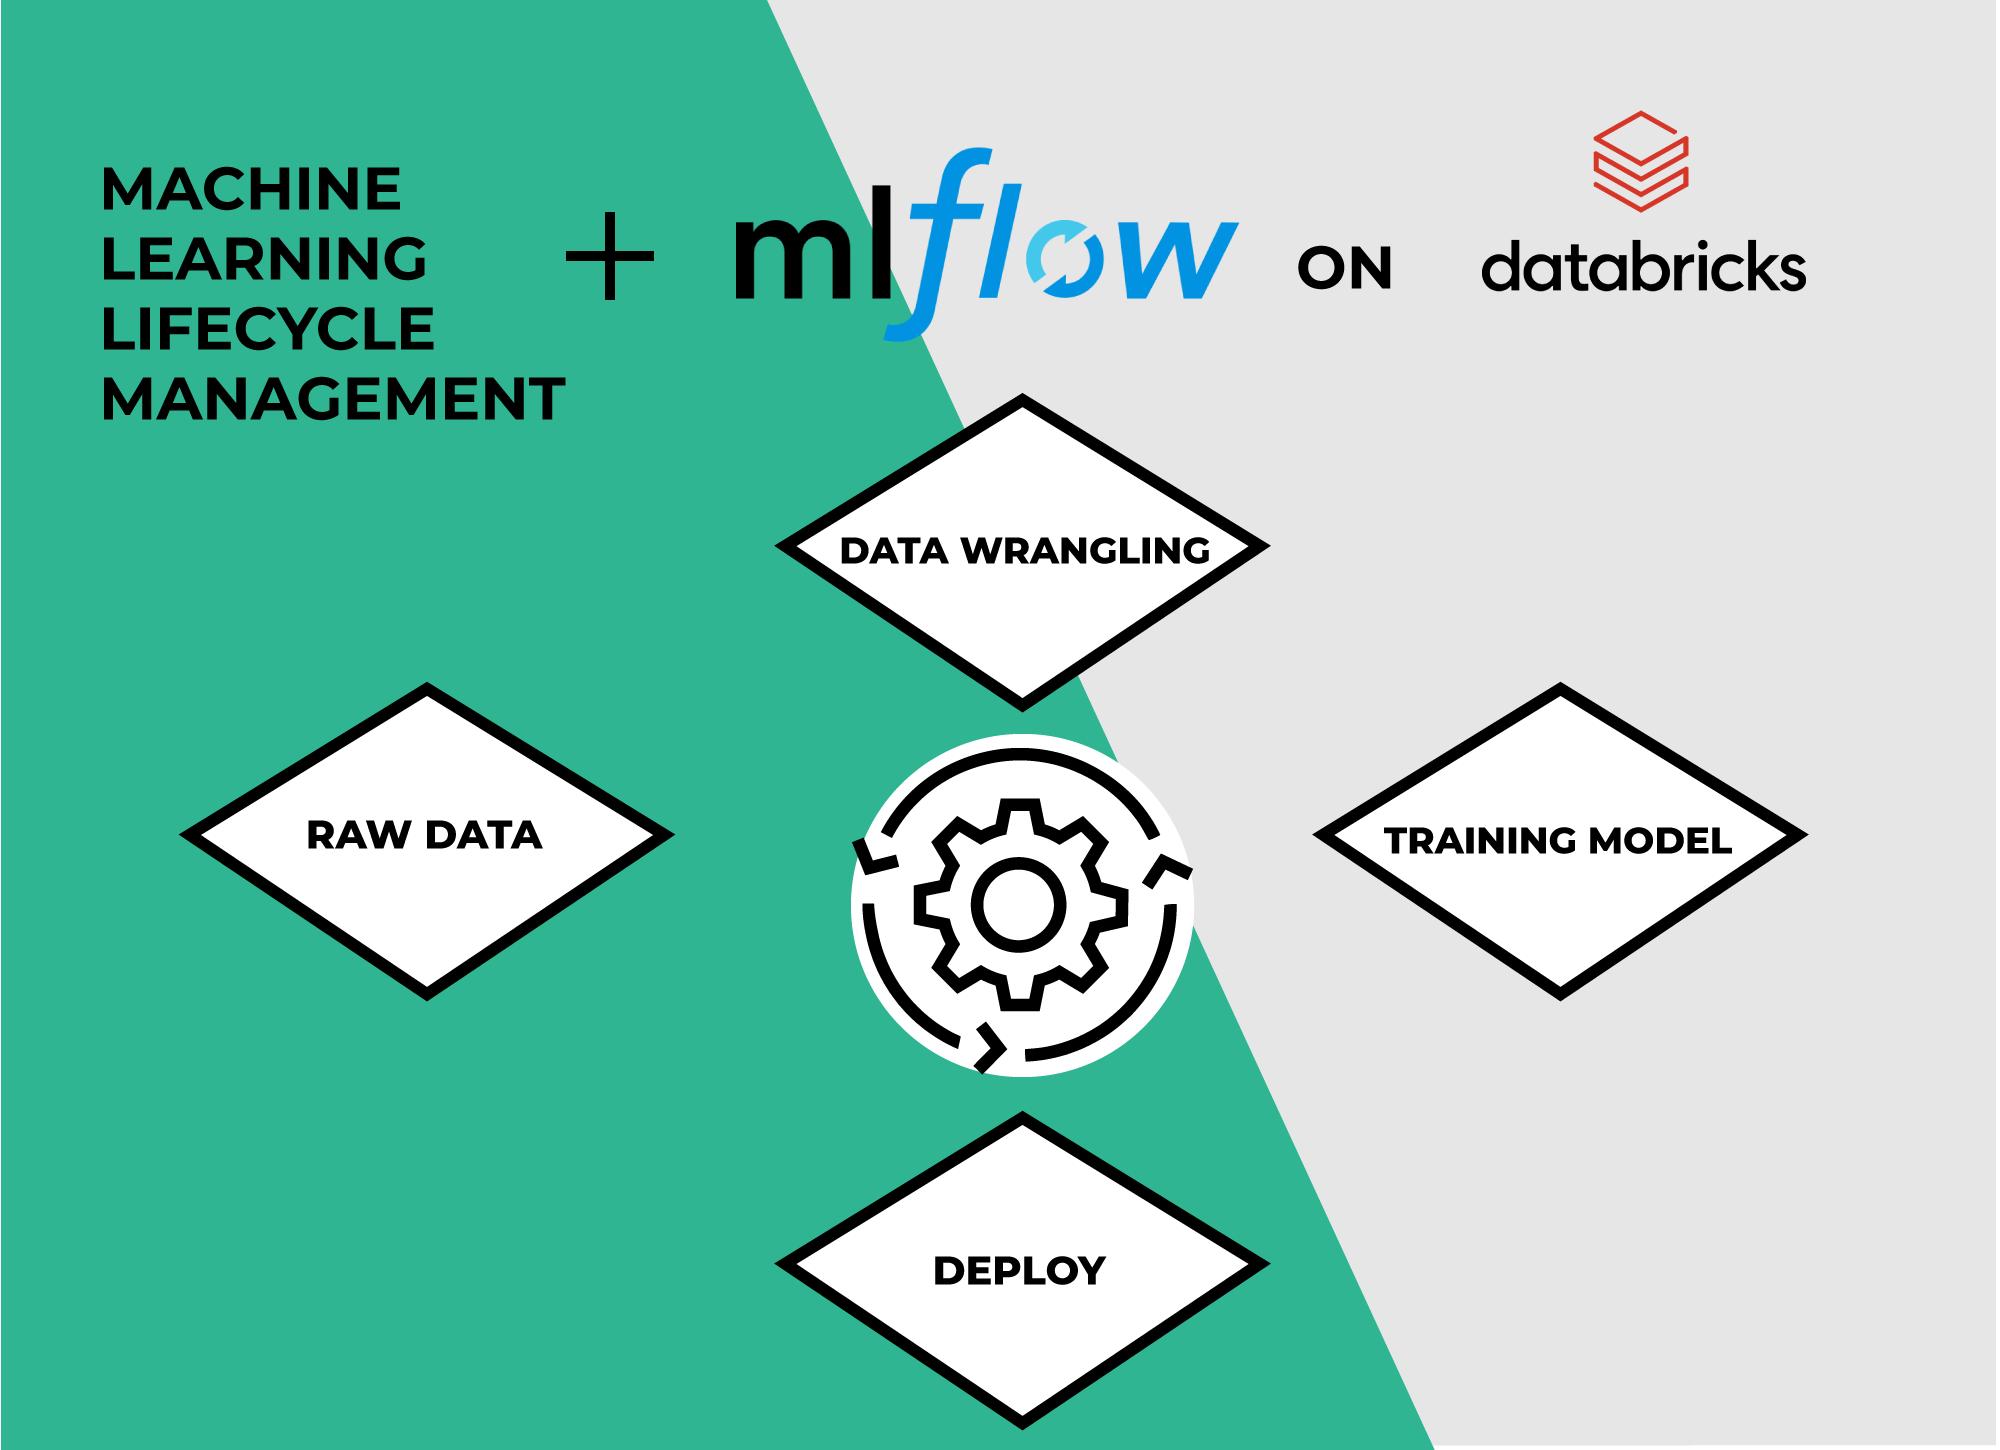 MLflow on Databricks